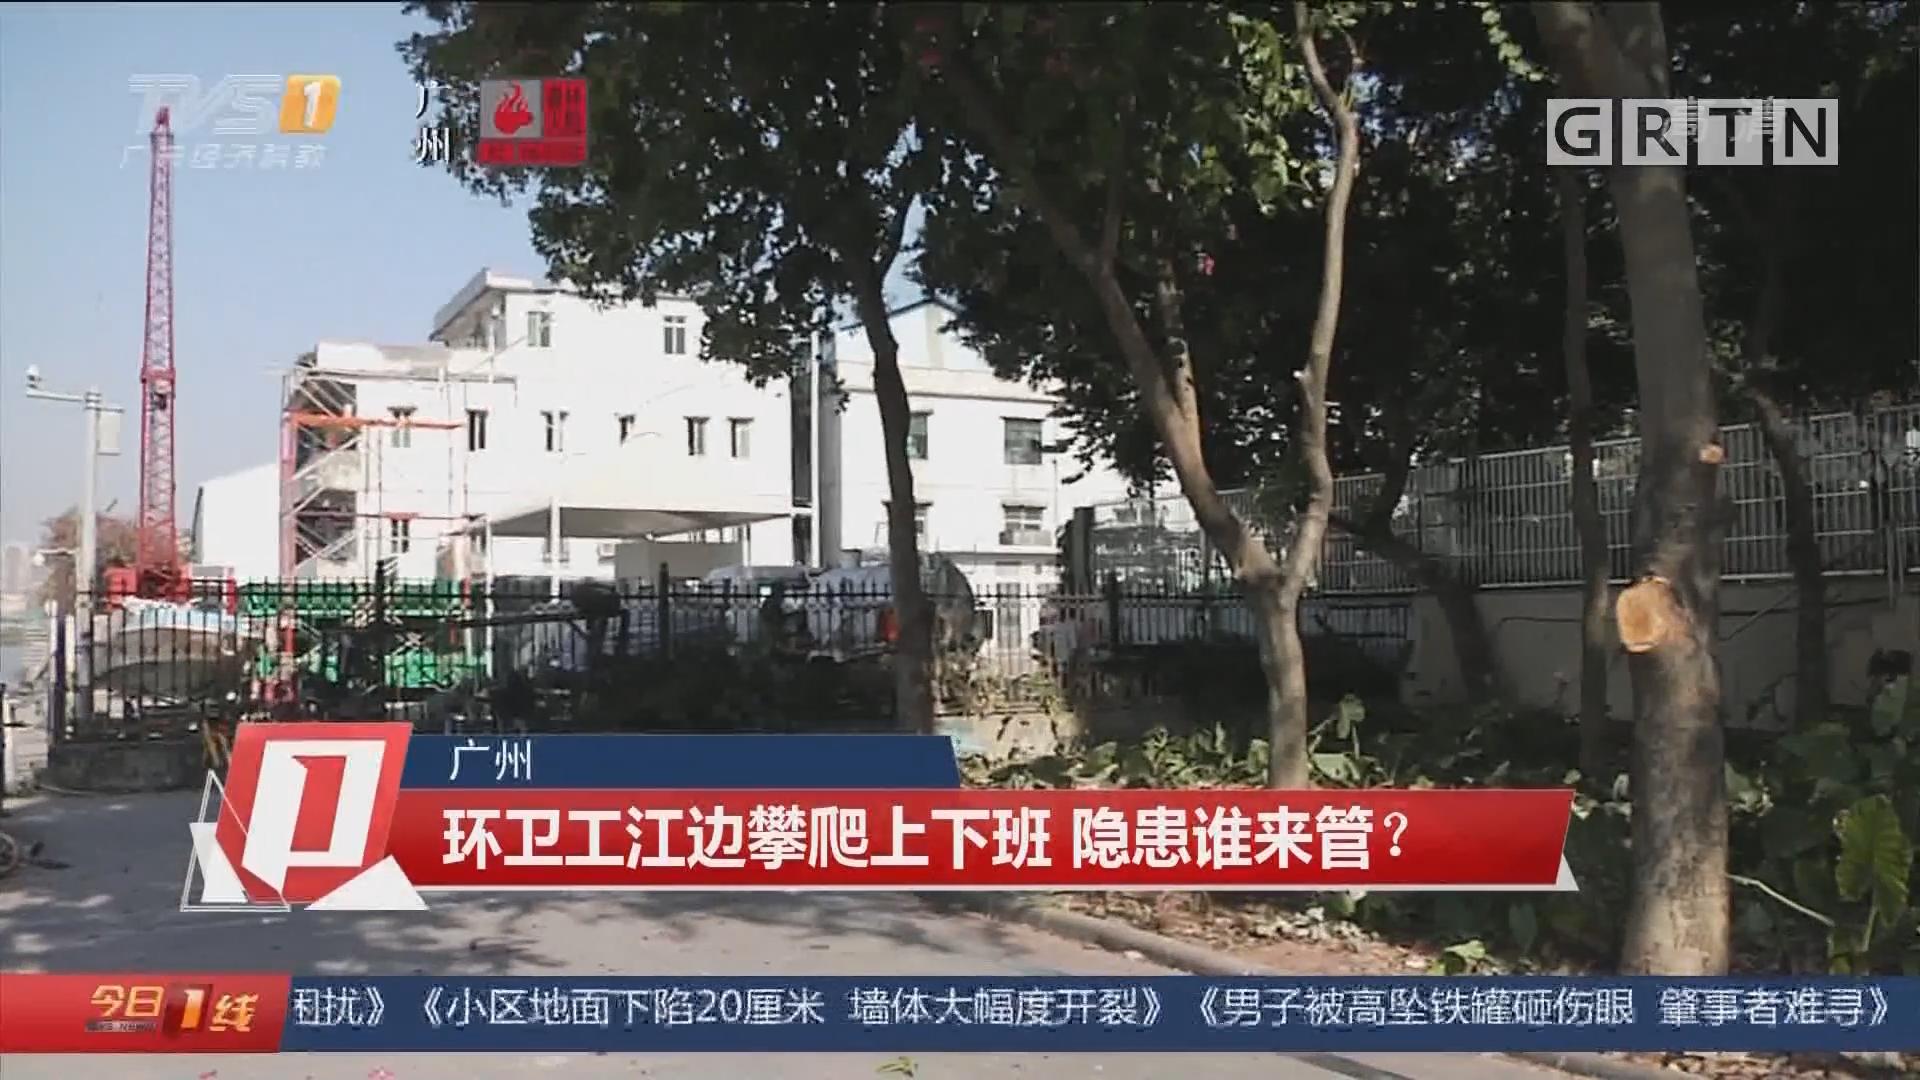 广州:环卫工江边攀爬上下班 隐患谁来管?